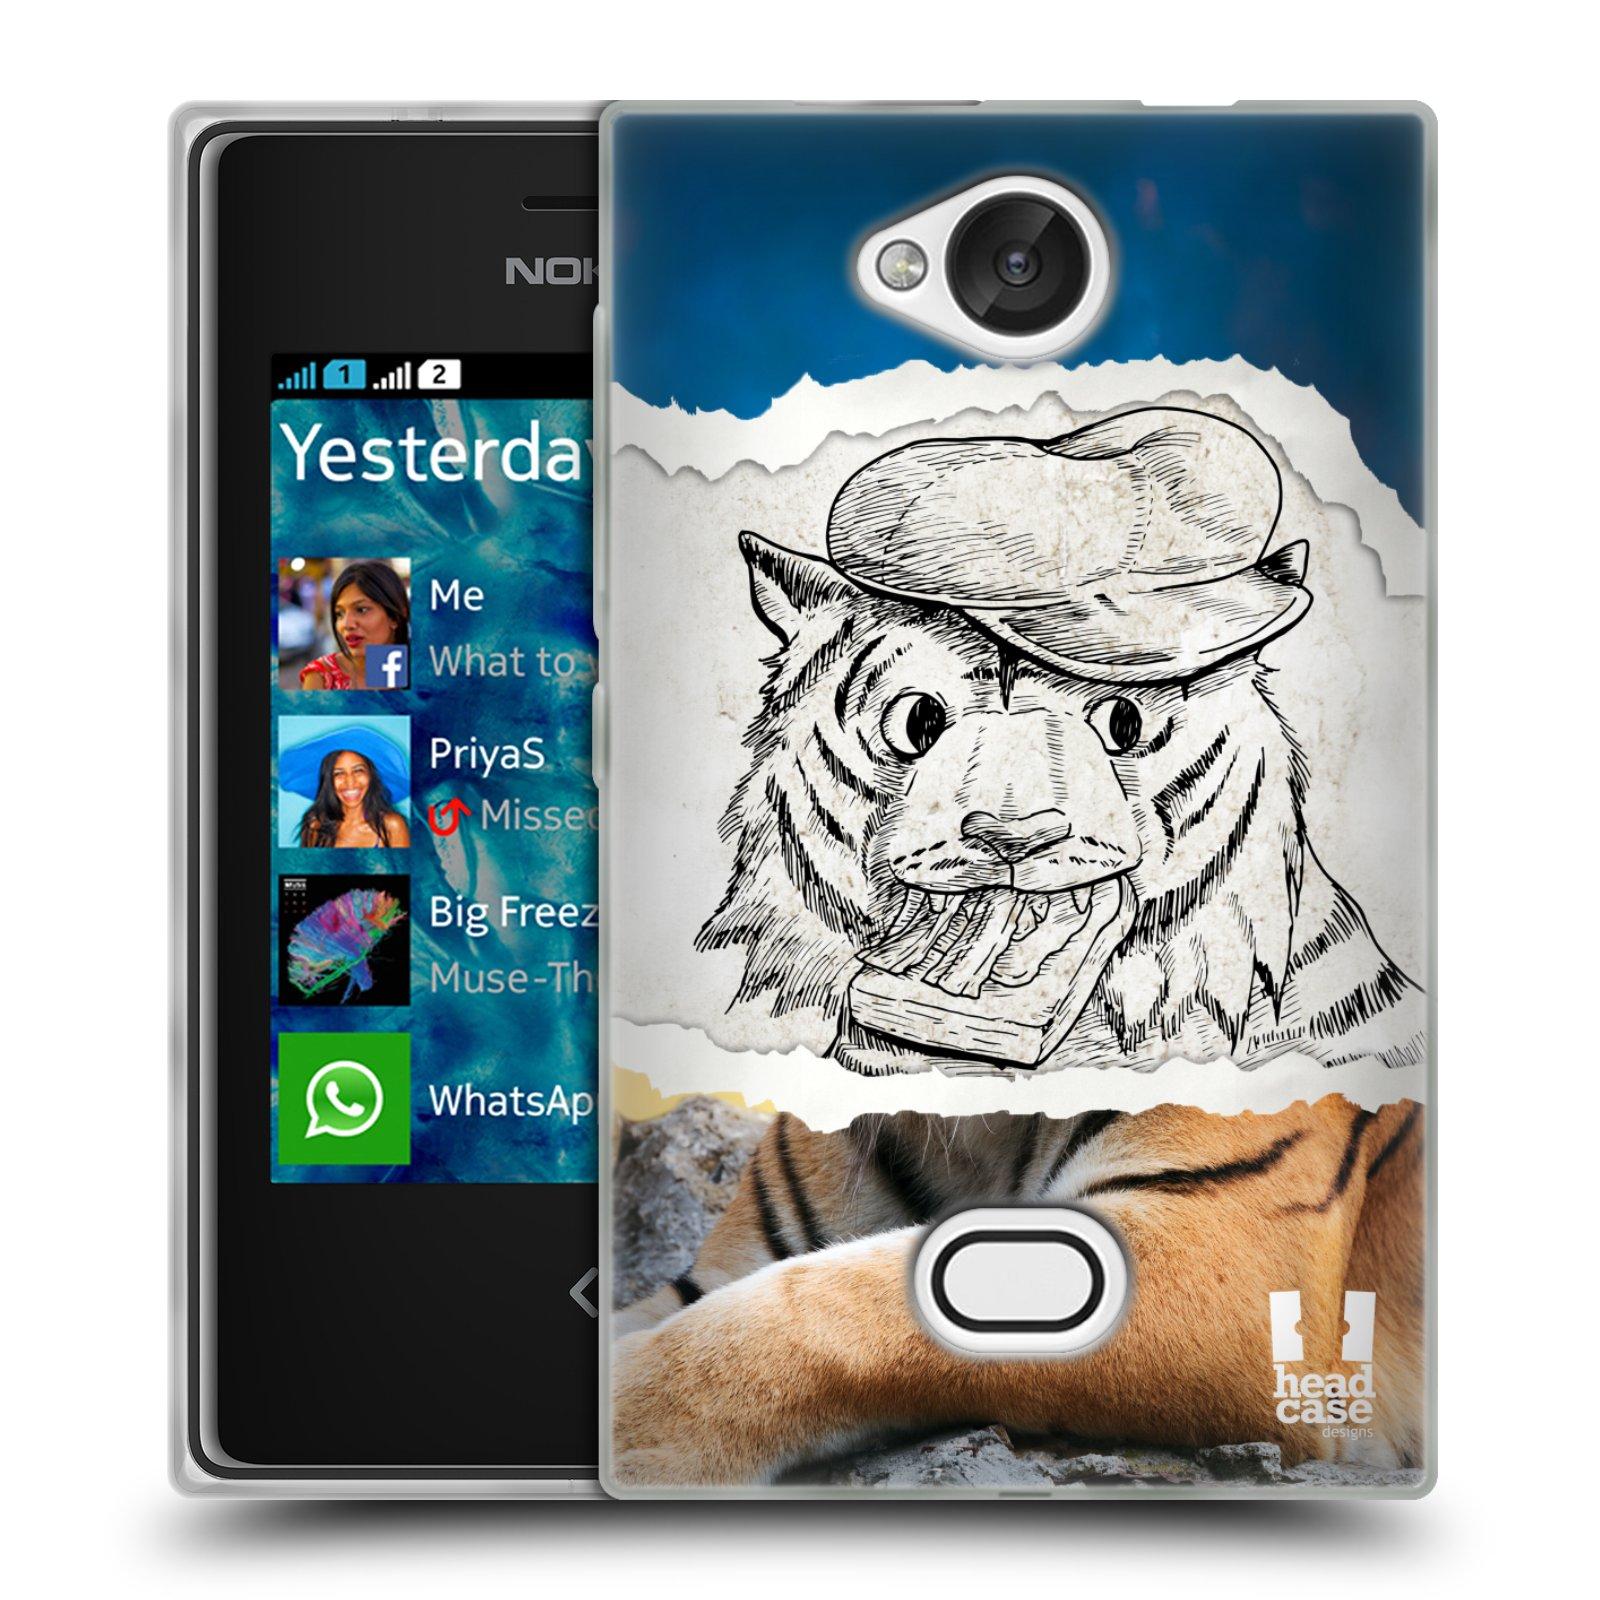 HEAD CASE silikonový obal na mobil NOKIA Asha 503 vzor zvířata koláž tygr fešák